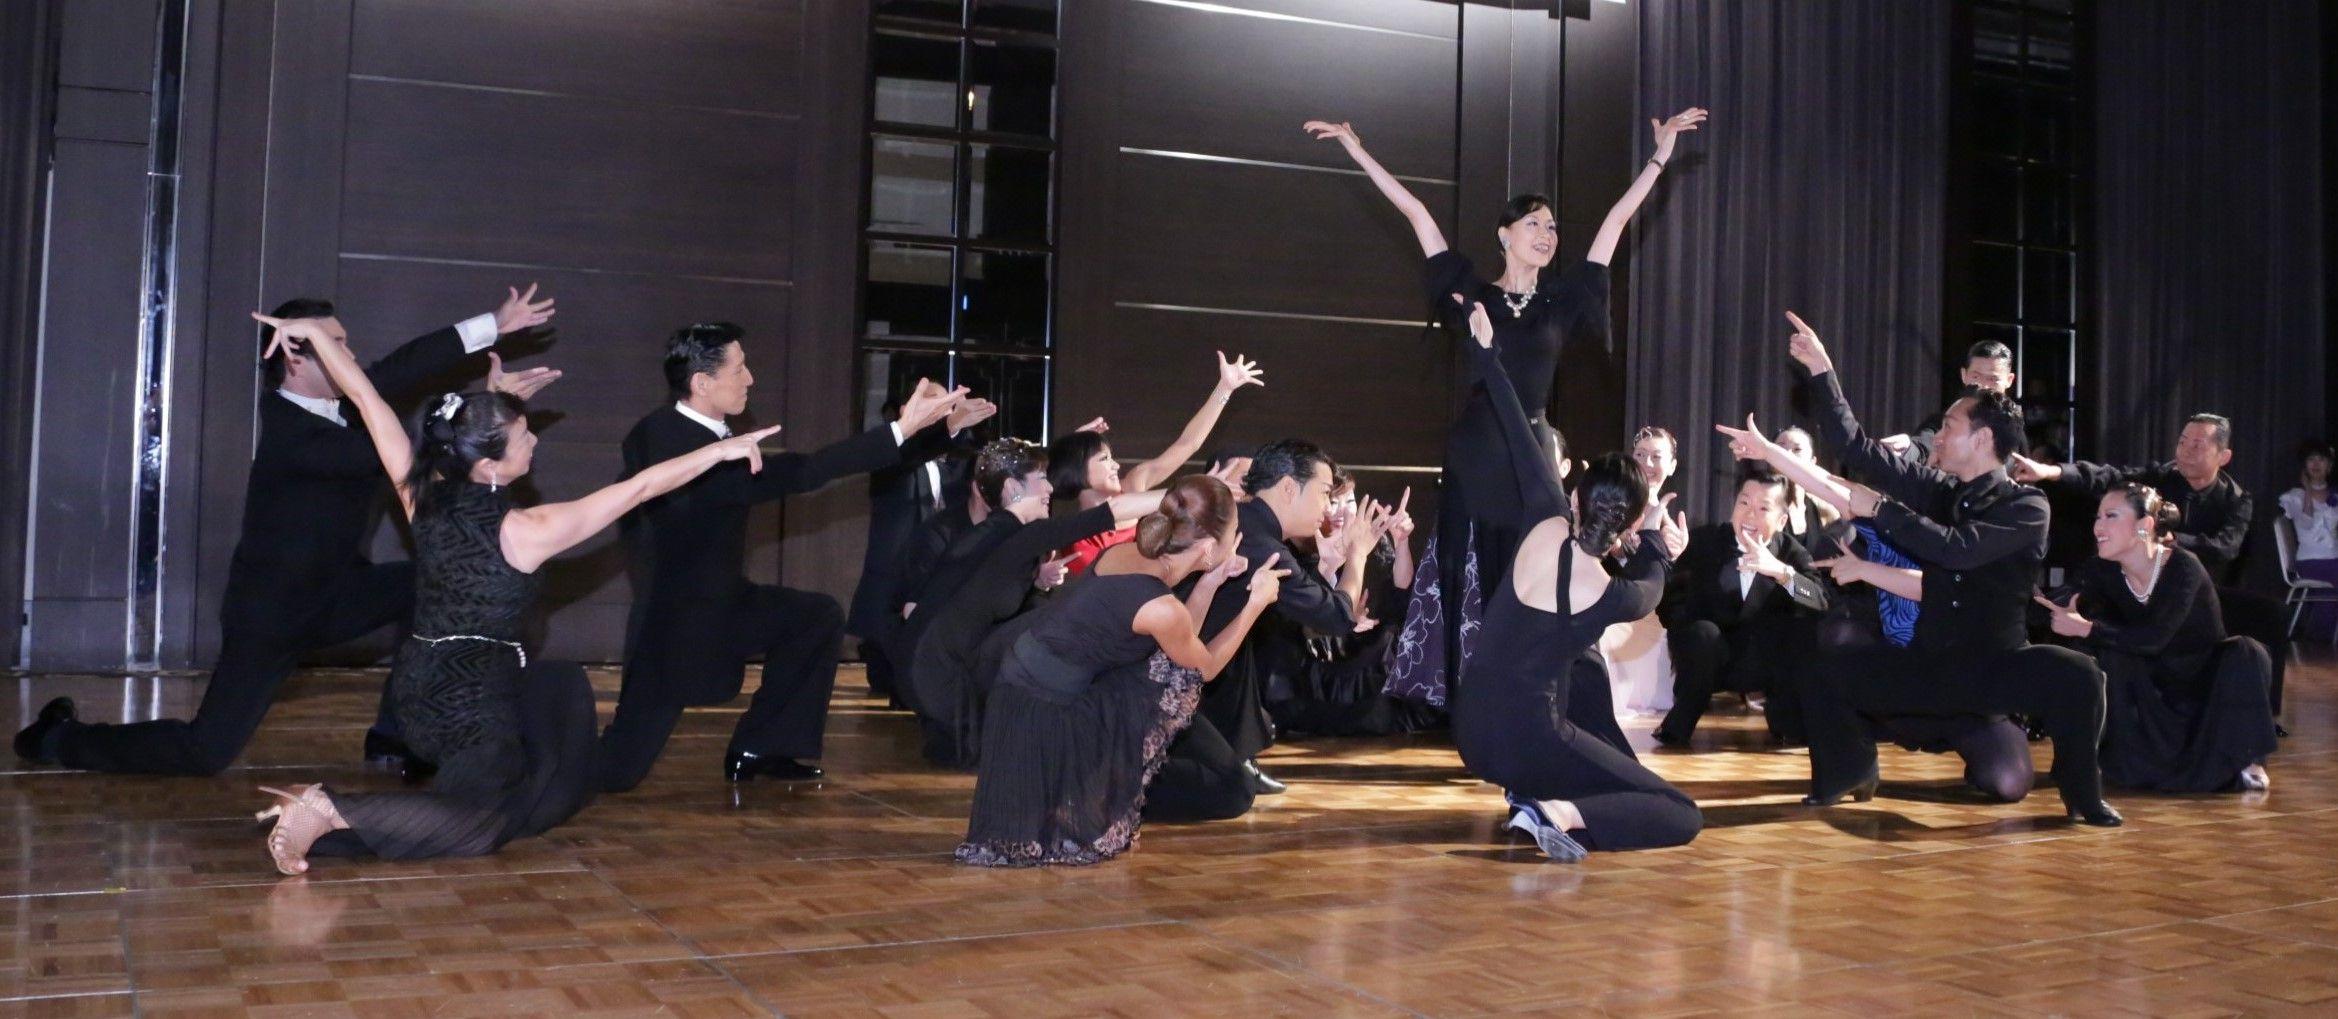 西千葉/穴川/蘇我/幕張/早川/社交ダンス/C'sダンスネットワーク